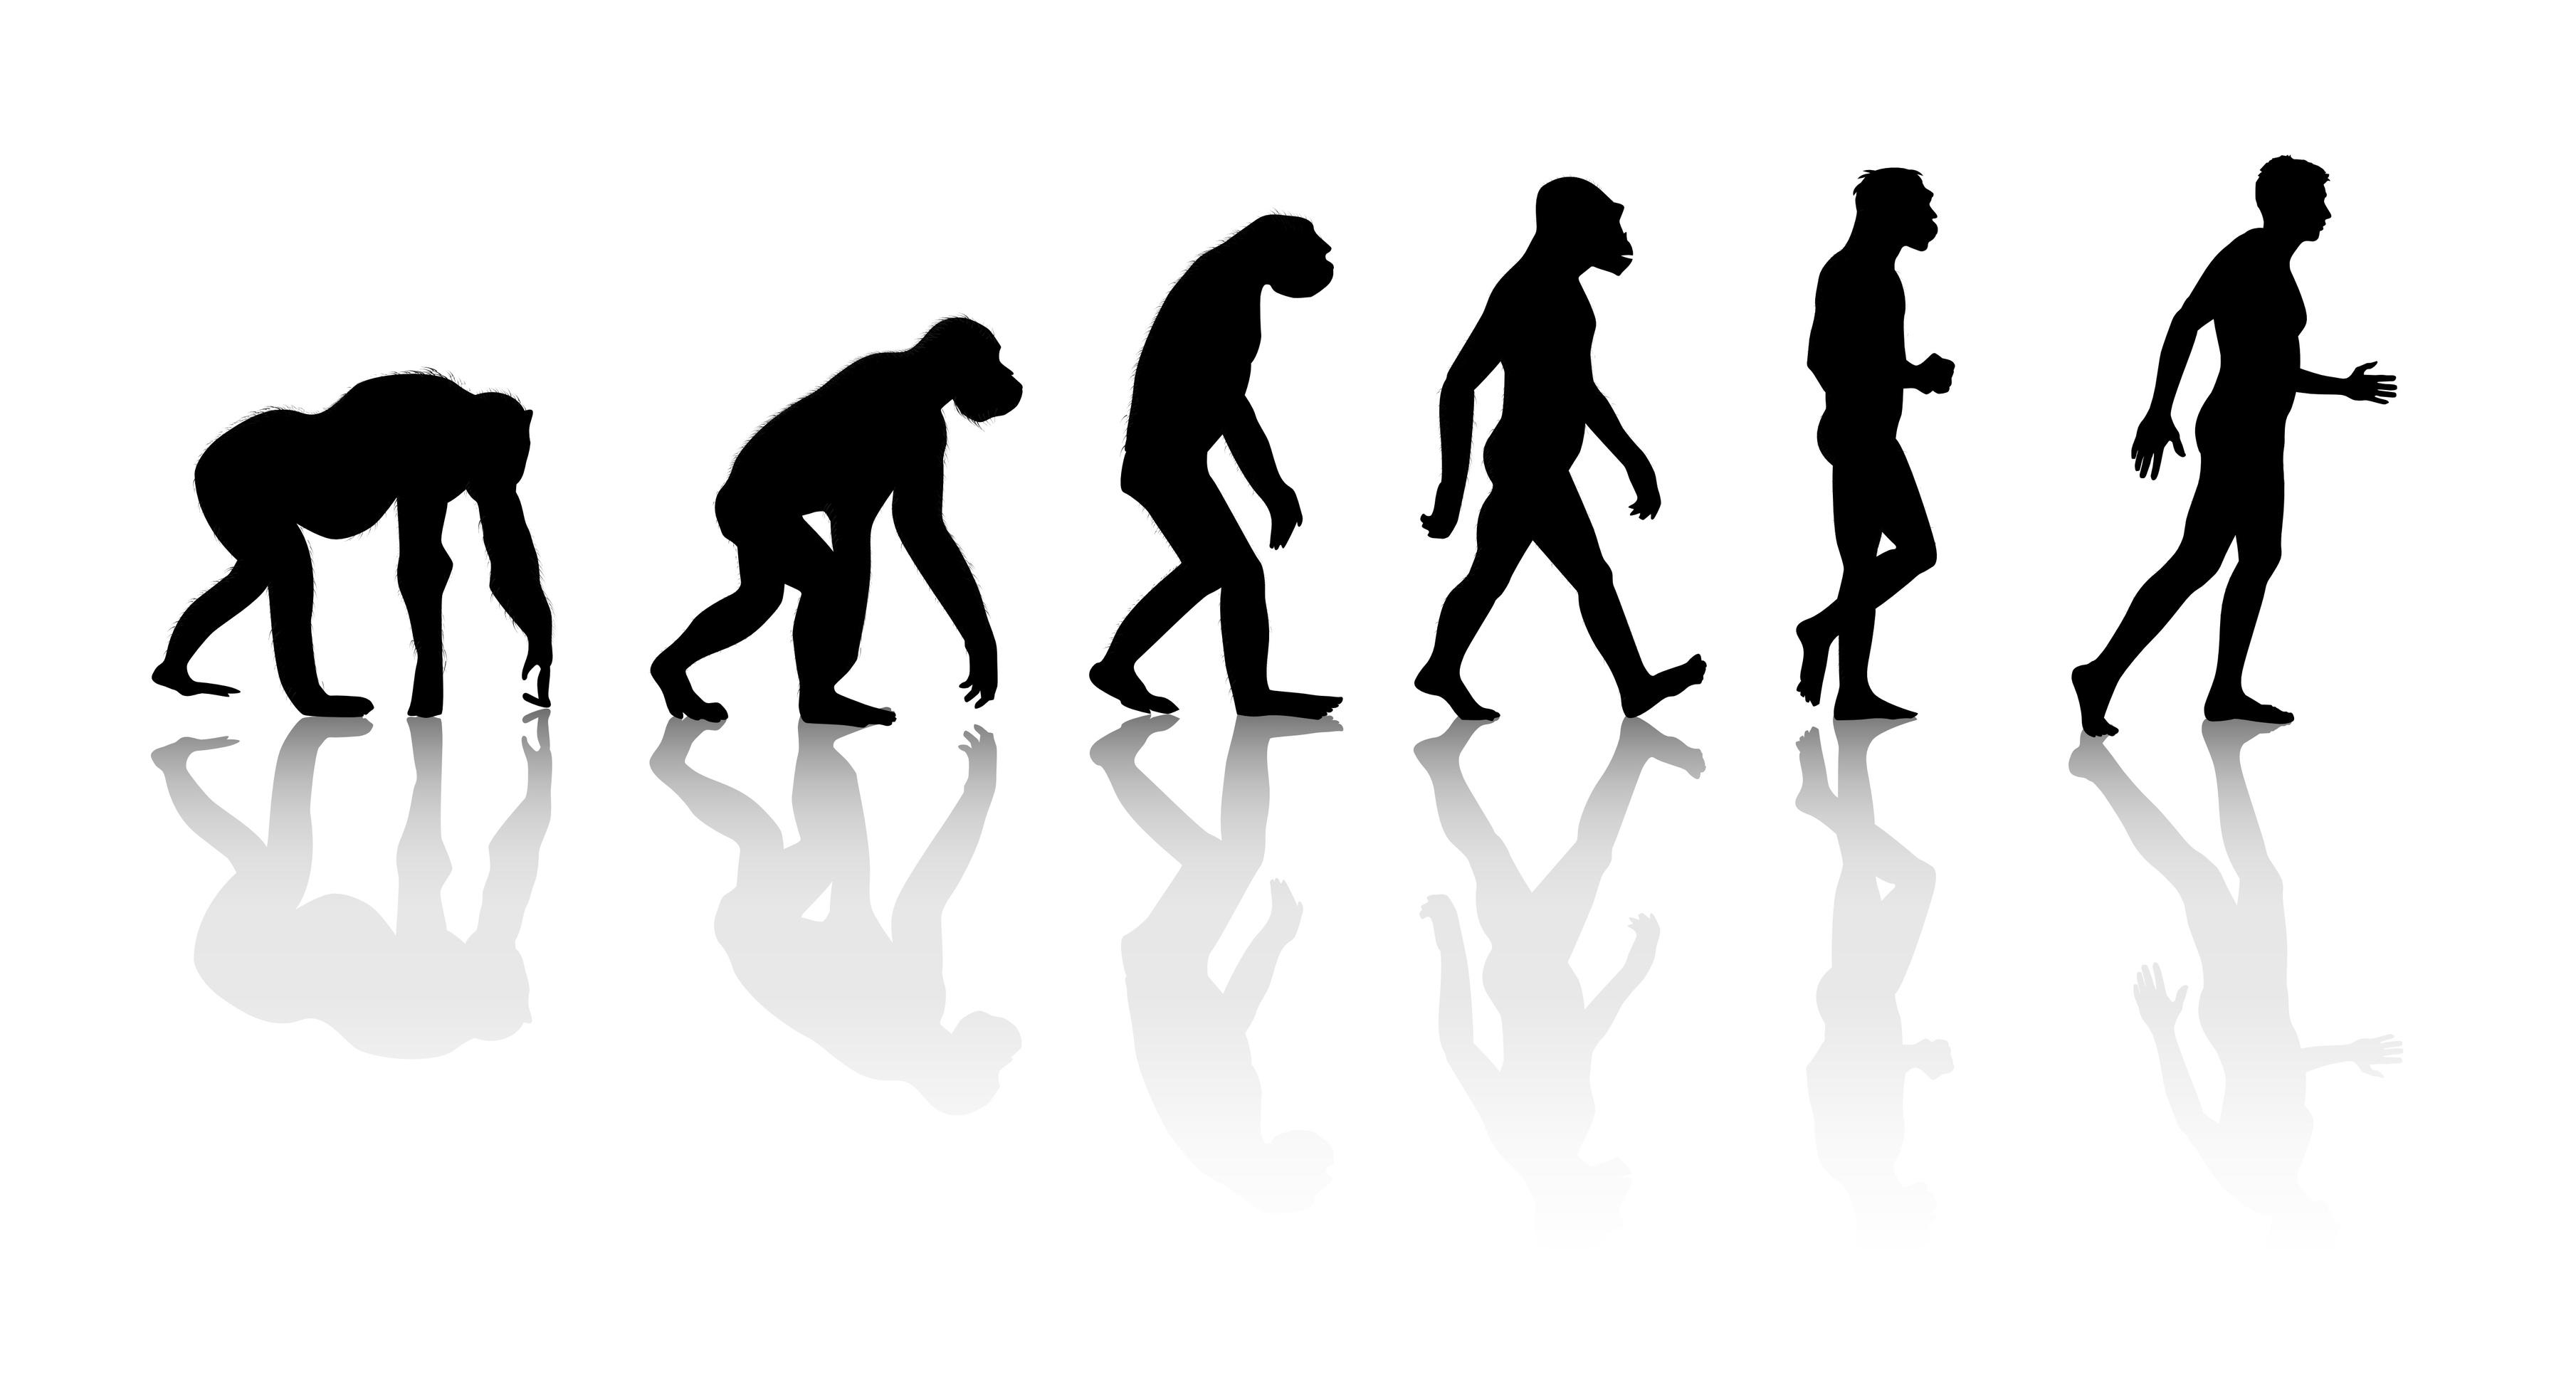 Le Phénix Enchaîné #5 Seo-evolution